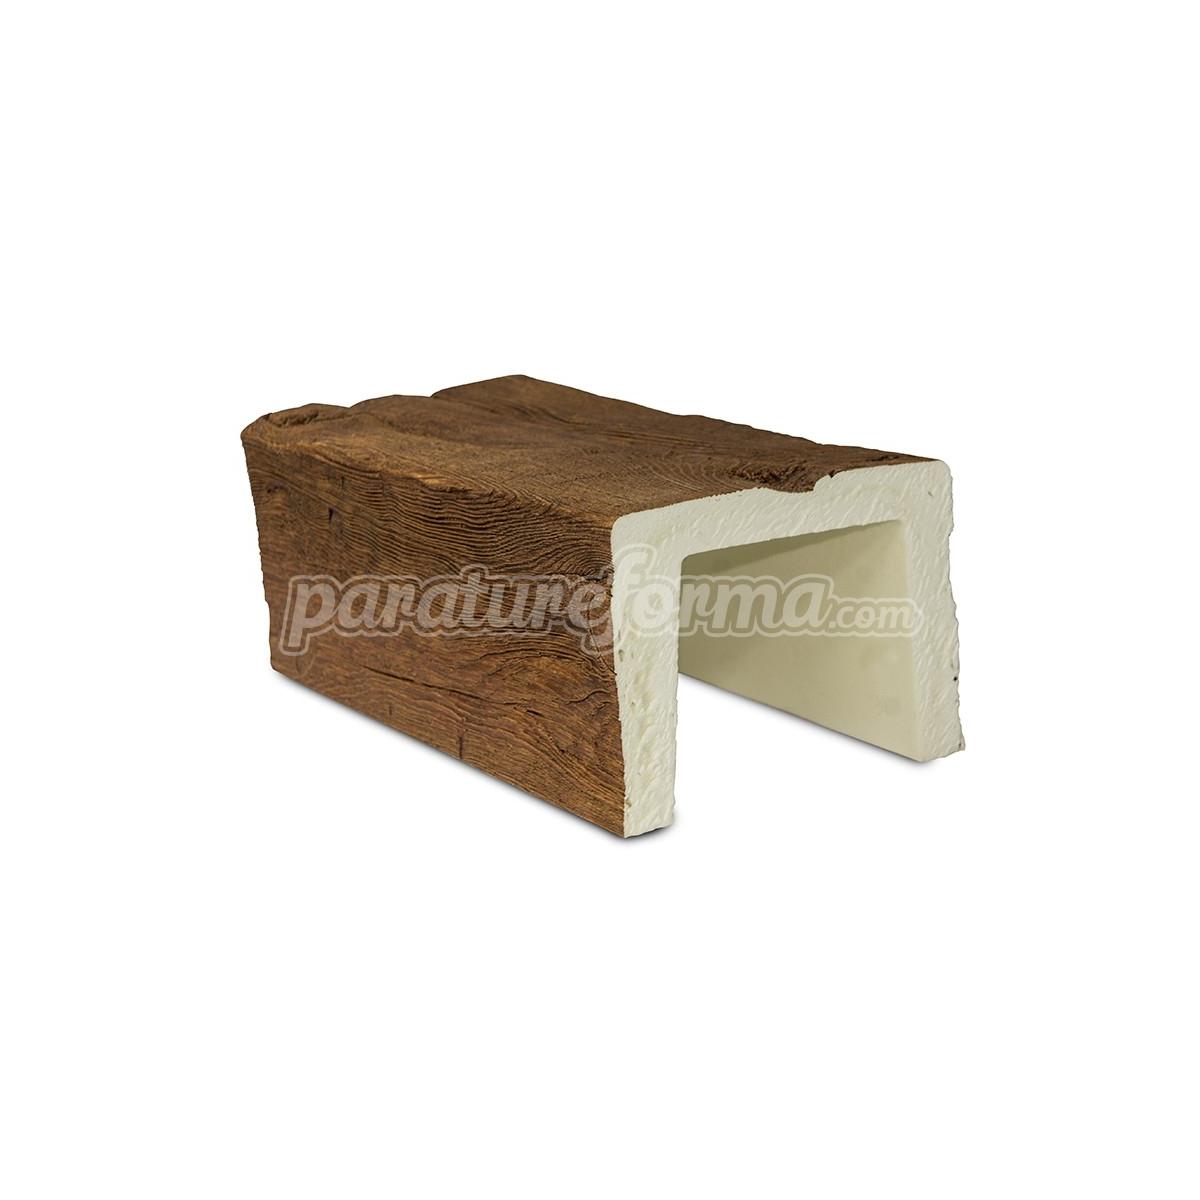 Viga 300x16x13 imitación madera Vigas imitación madera cuadradas Grupo Unamacor